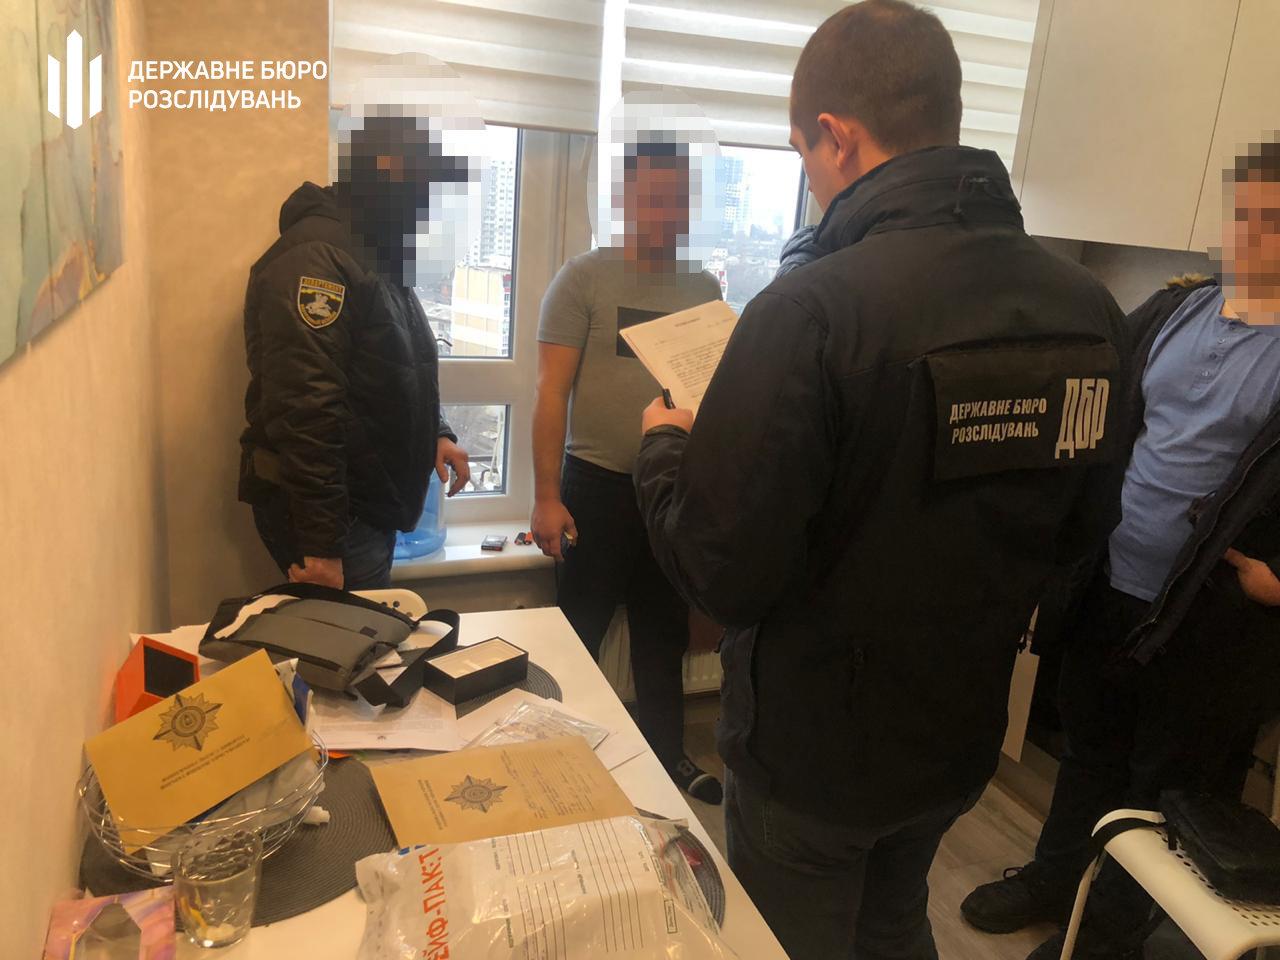 """Одесские правоохранители """"разыграли"""" предпринимателей и обогатились почти на 20 000 евро, фото-2"""